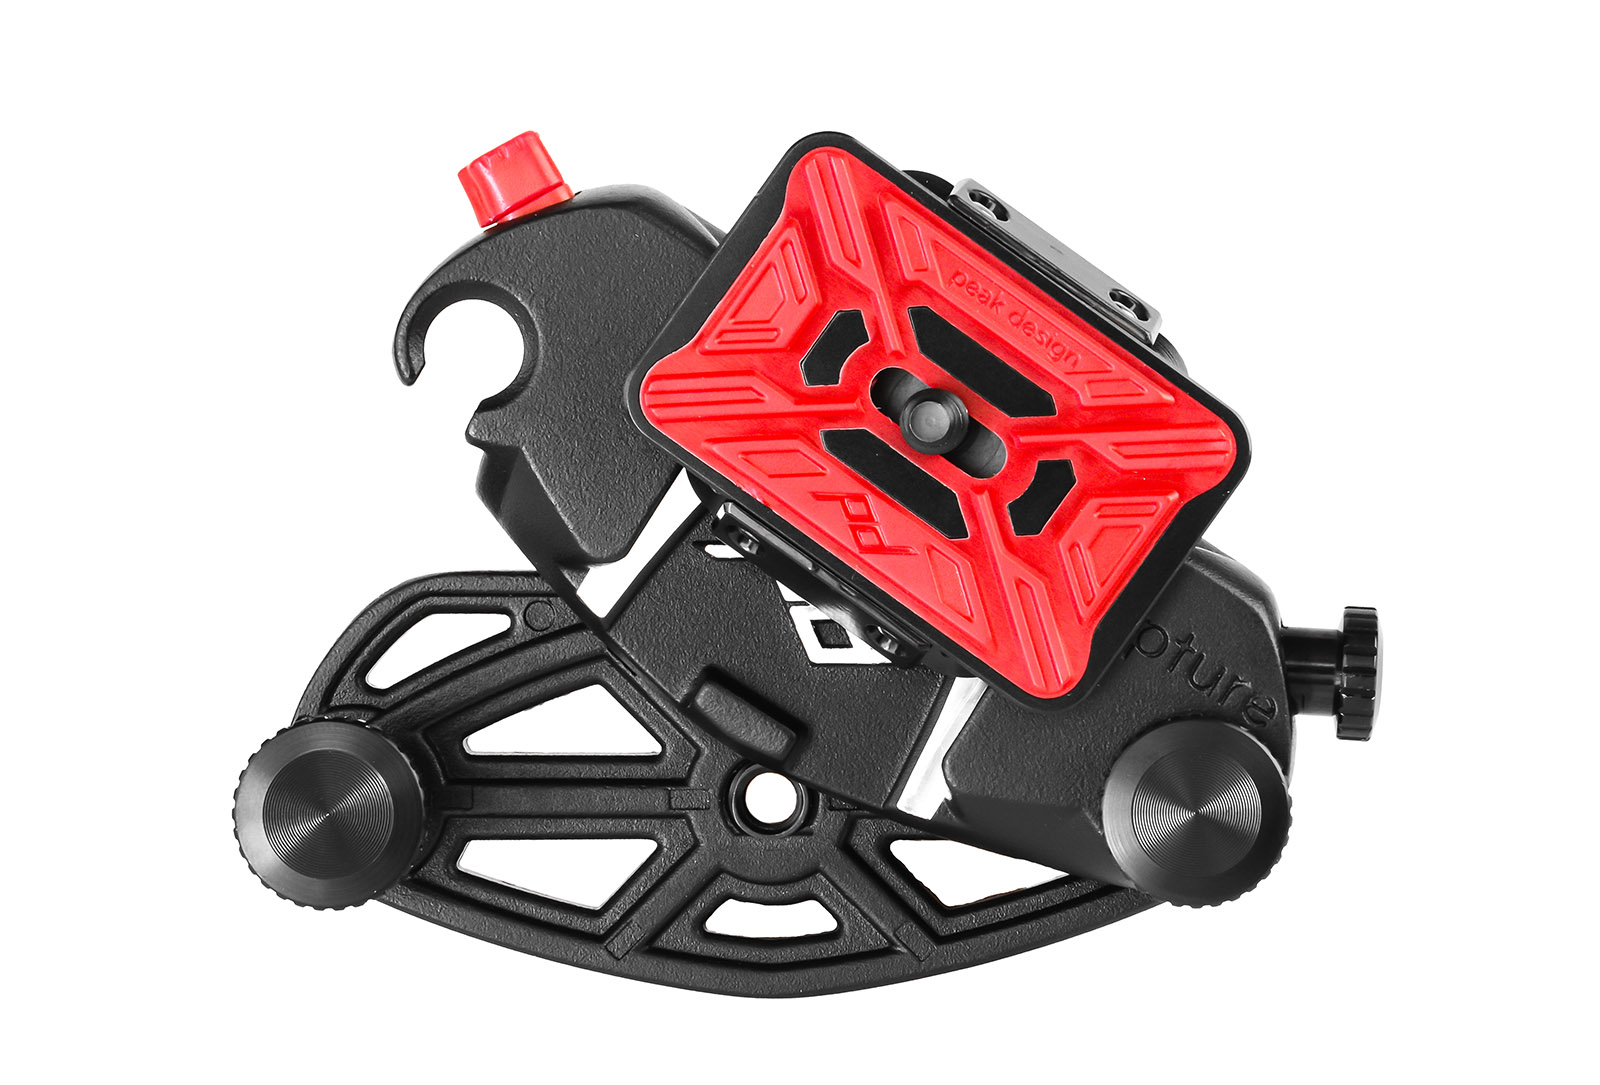 Rozłożony adapter wraz z szybkozłączką